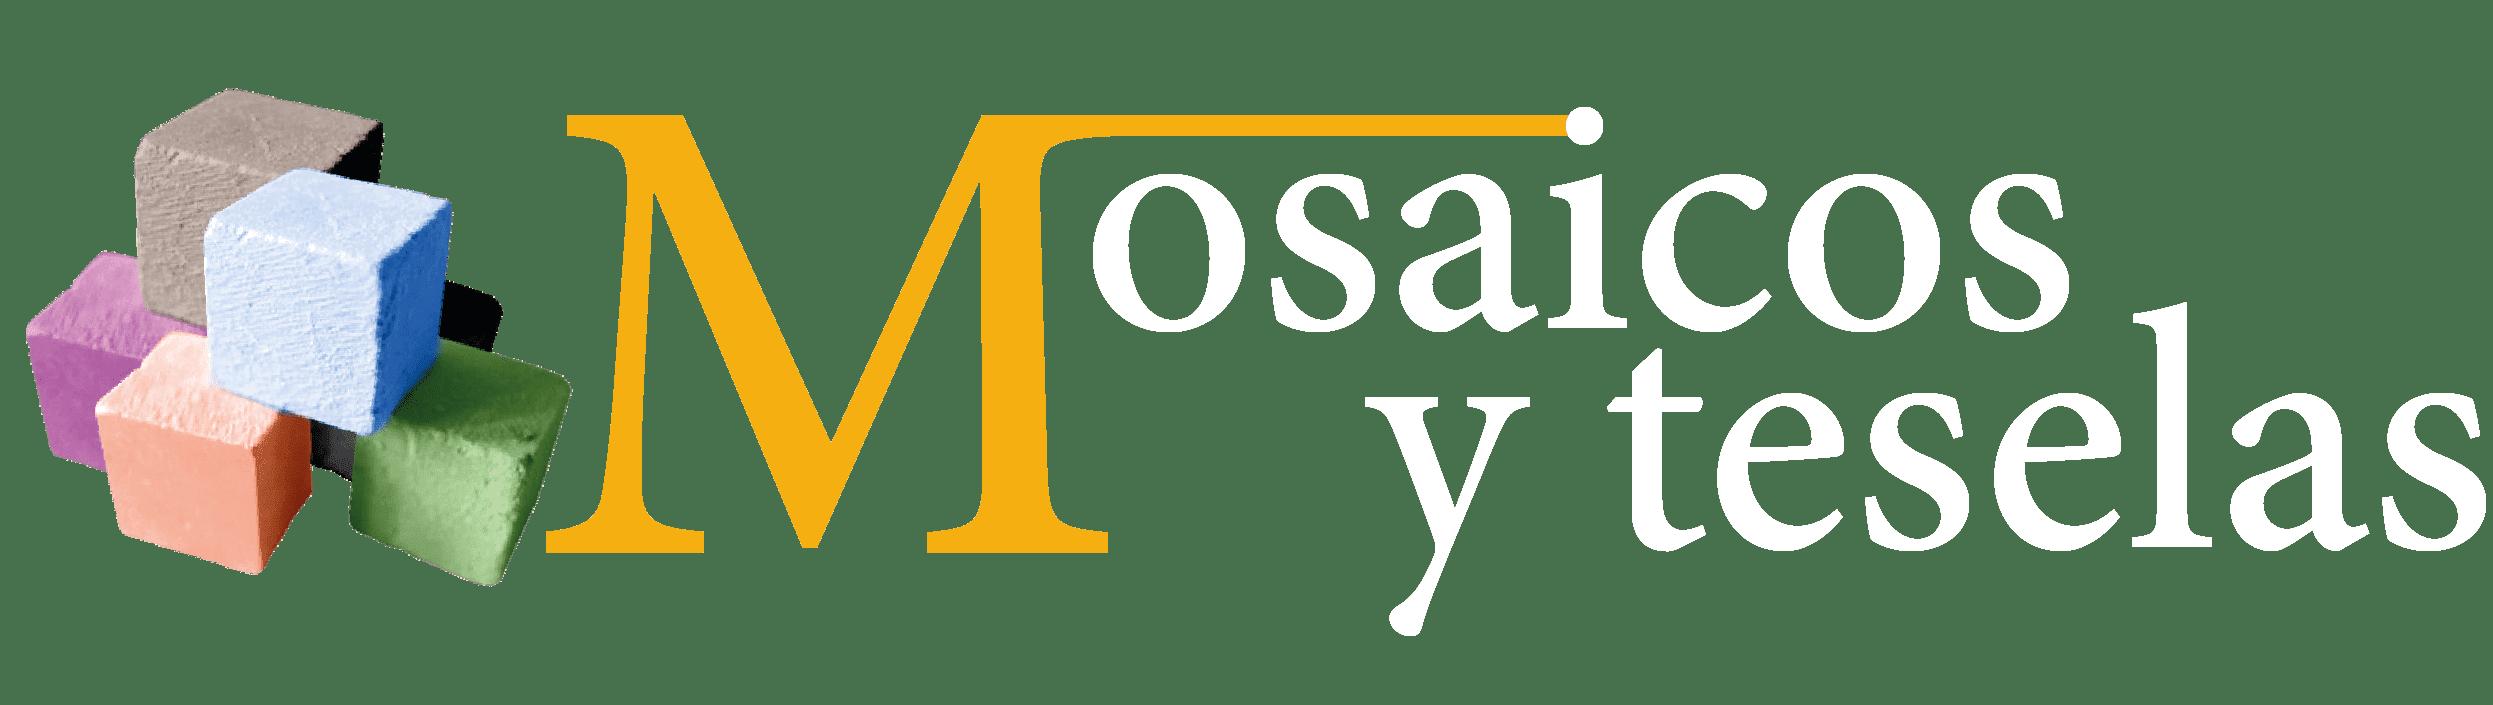 Mosaicos y teselas